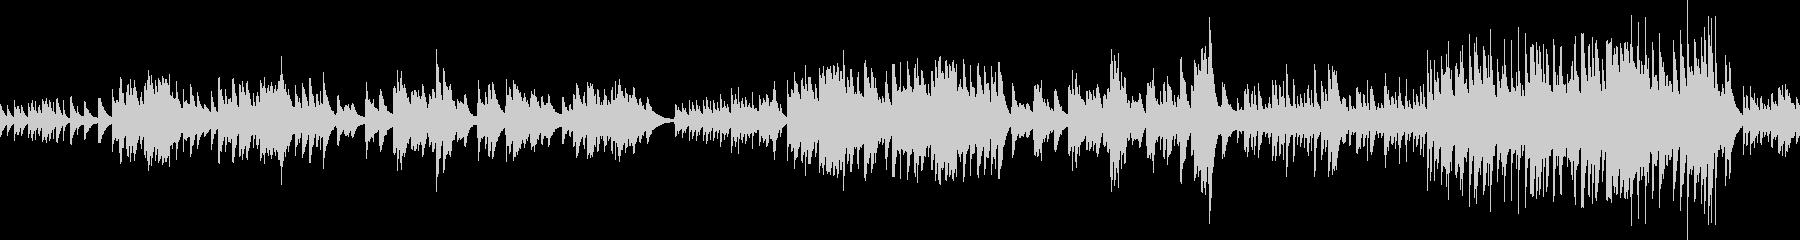 のどかな自然を感じさせるピアノ曲 ループの未再生の波形